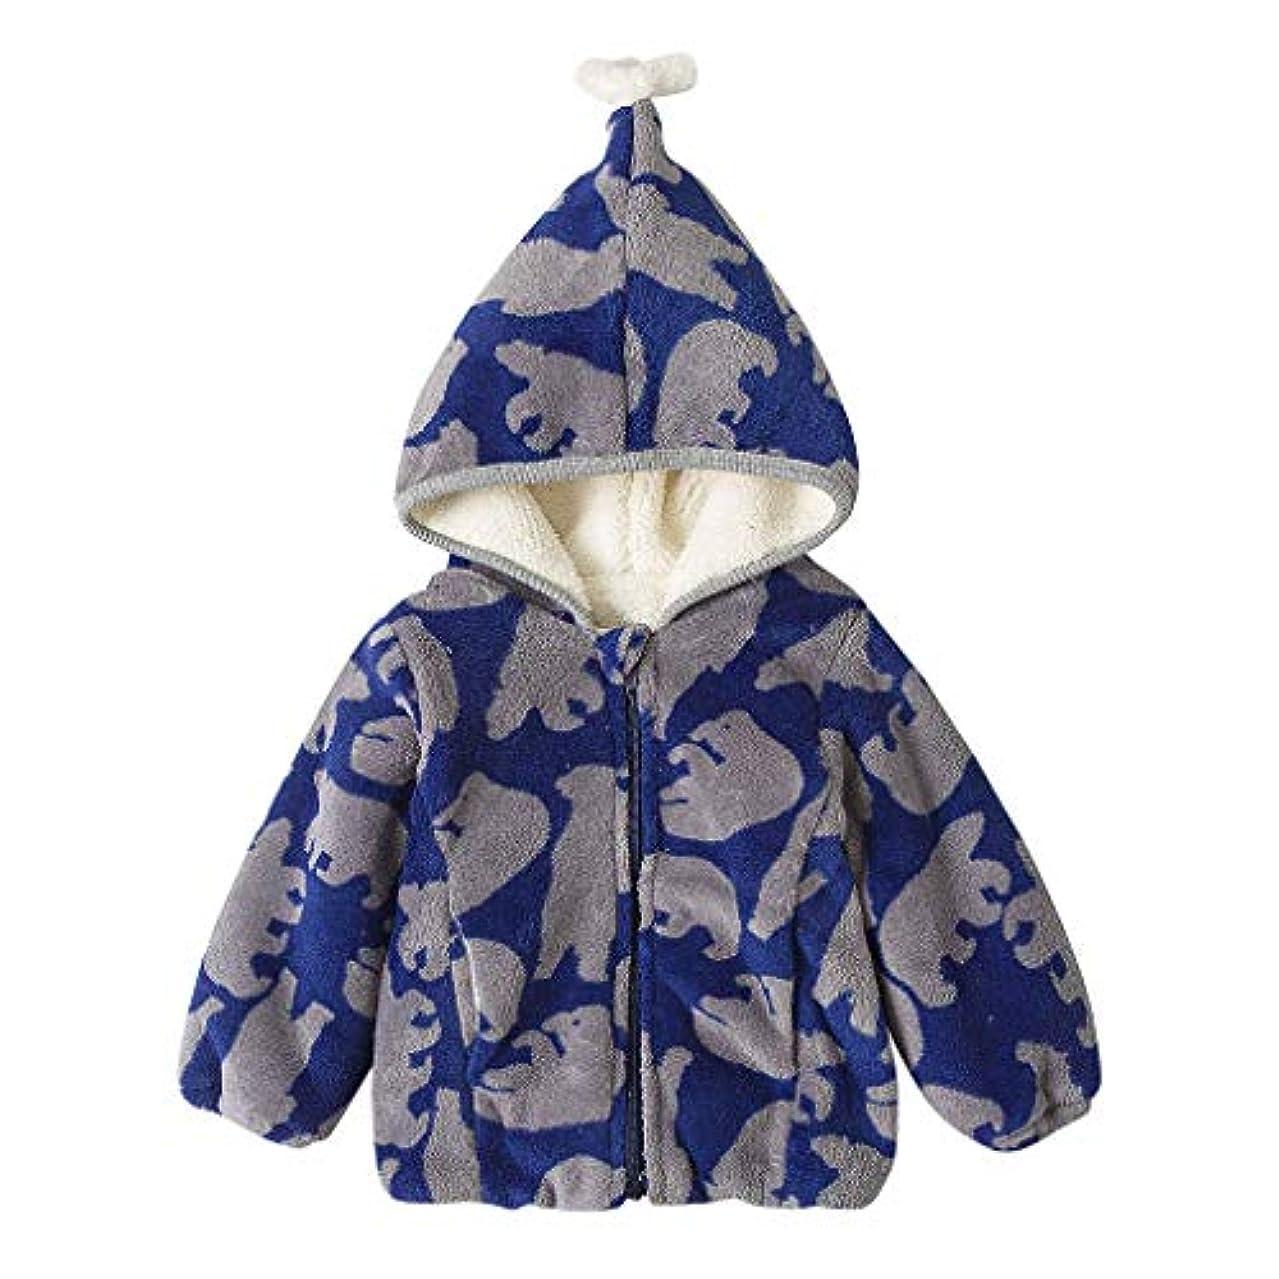 見習い湿地極端なかわいい柄あたたかい男の子女の子赤ちゃん冬コートジャケット子供ジップ厚いスノースーツパーカーオーバーコート屋外かわいいルースソフト快適なブラウストップス